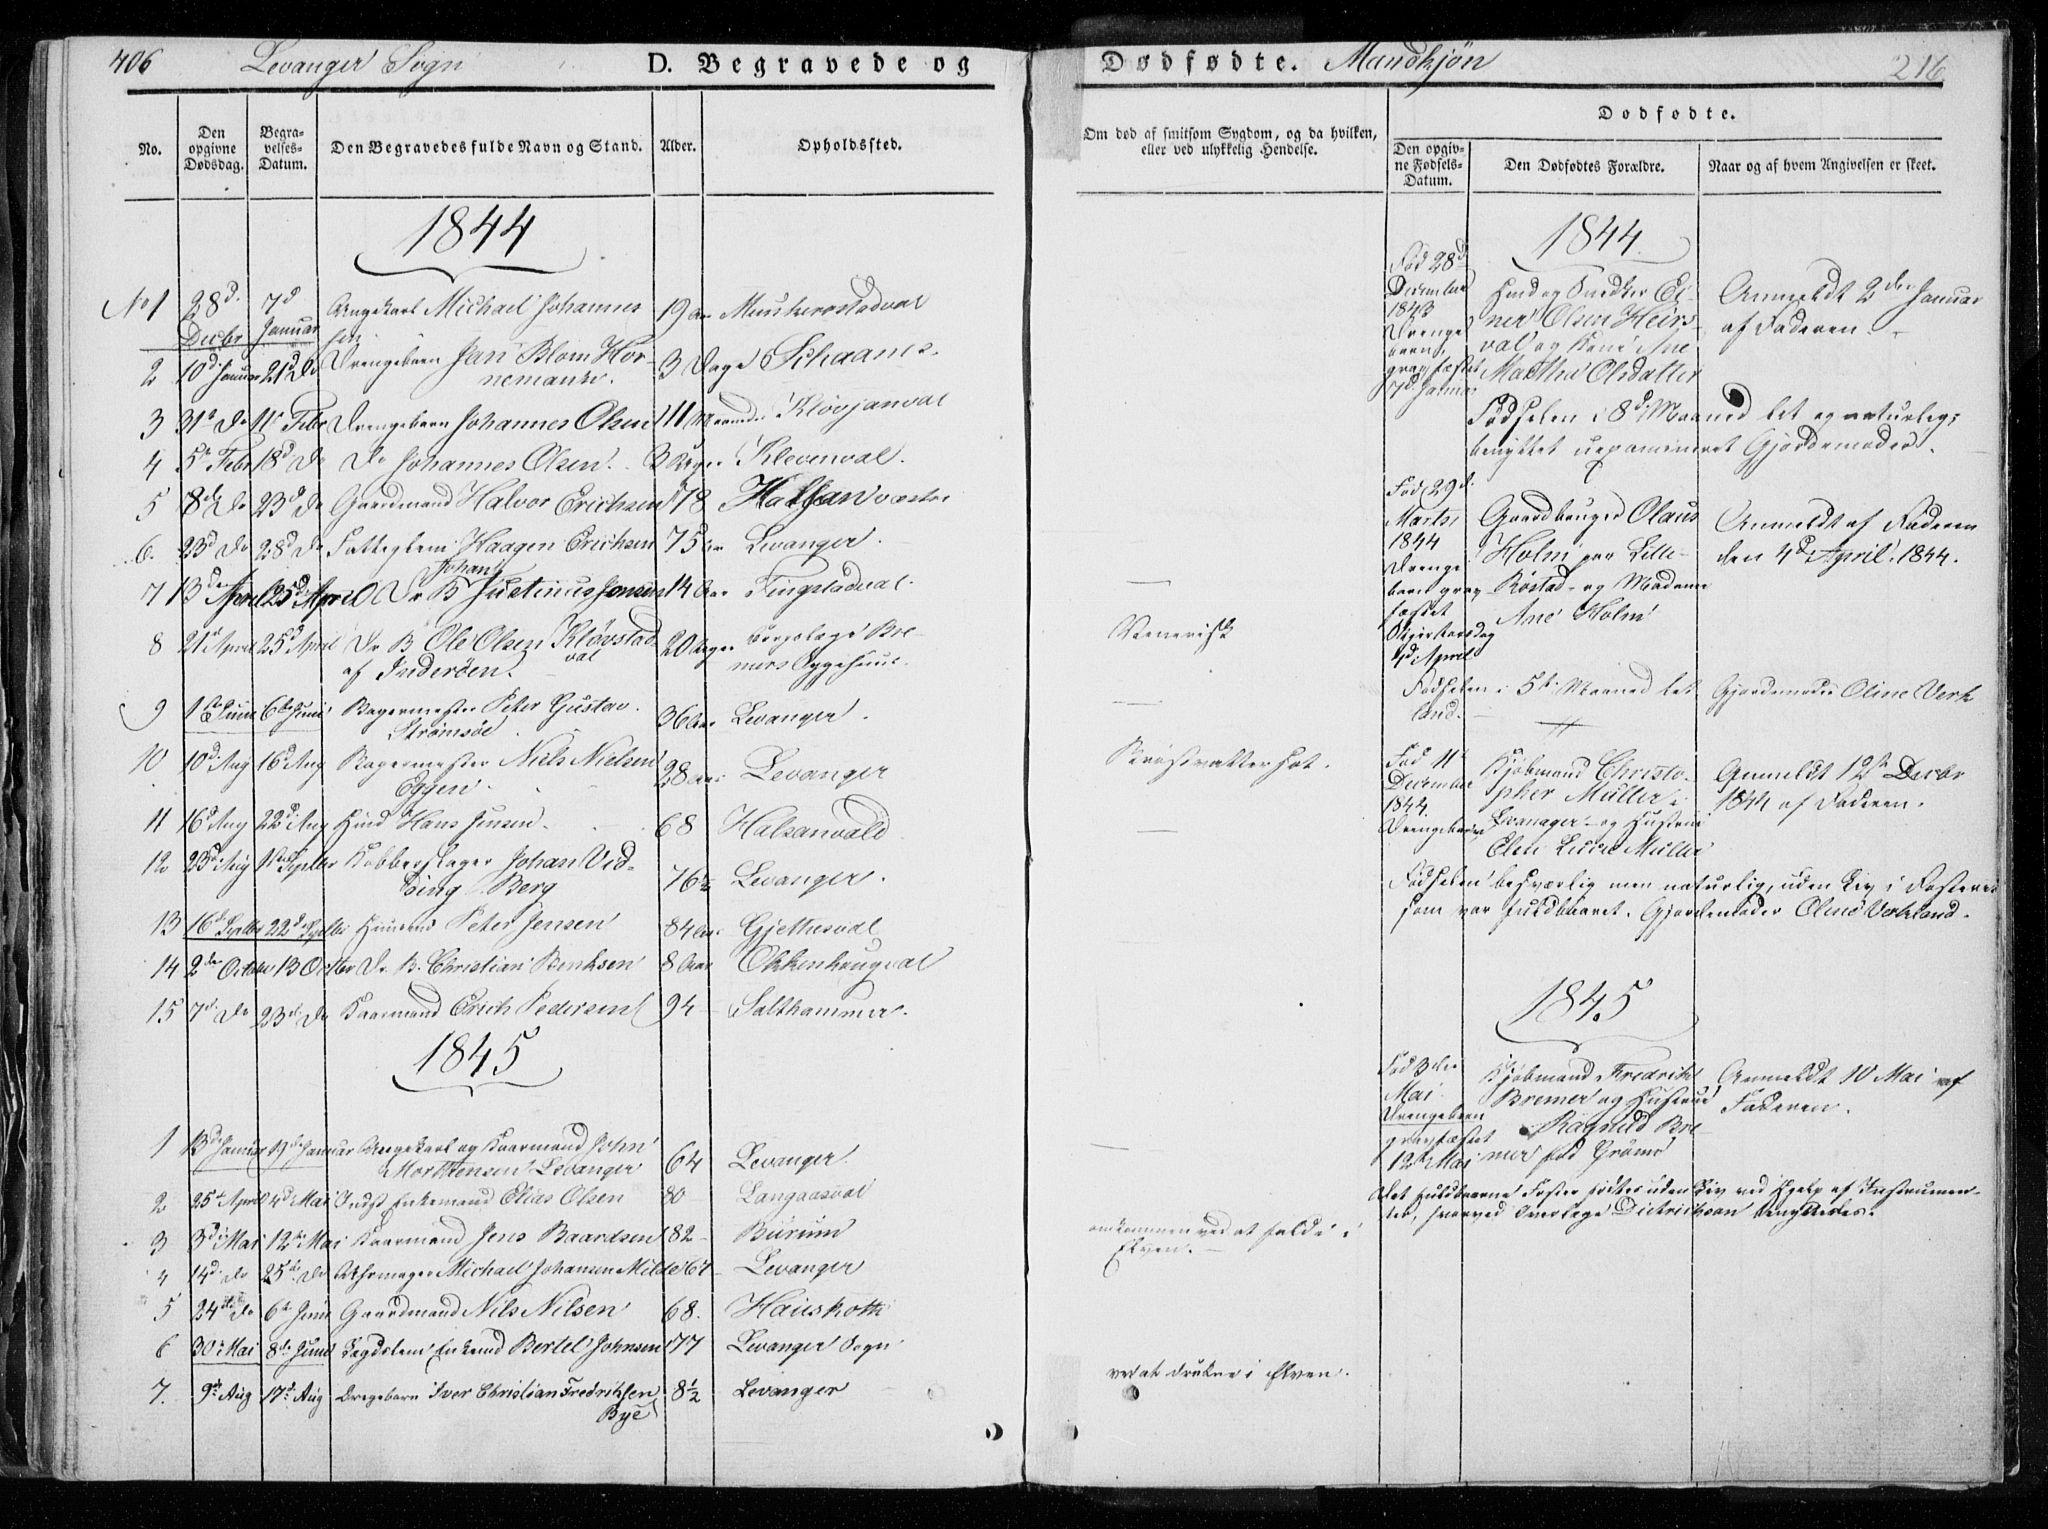 SAT, Ministerialprotokoller, klokkerbøker og fødselsregistre - Nord-Trøndelag, 720/L0183: Ministerialbok nr. 720A01, 1836-1855, s. 216